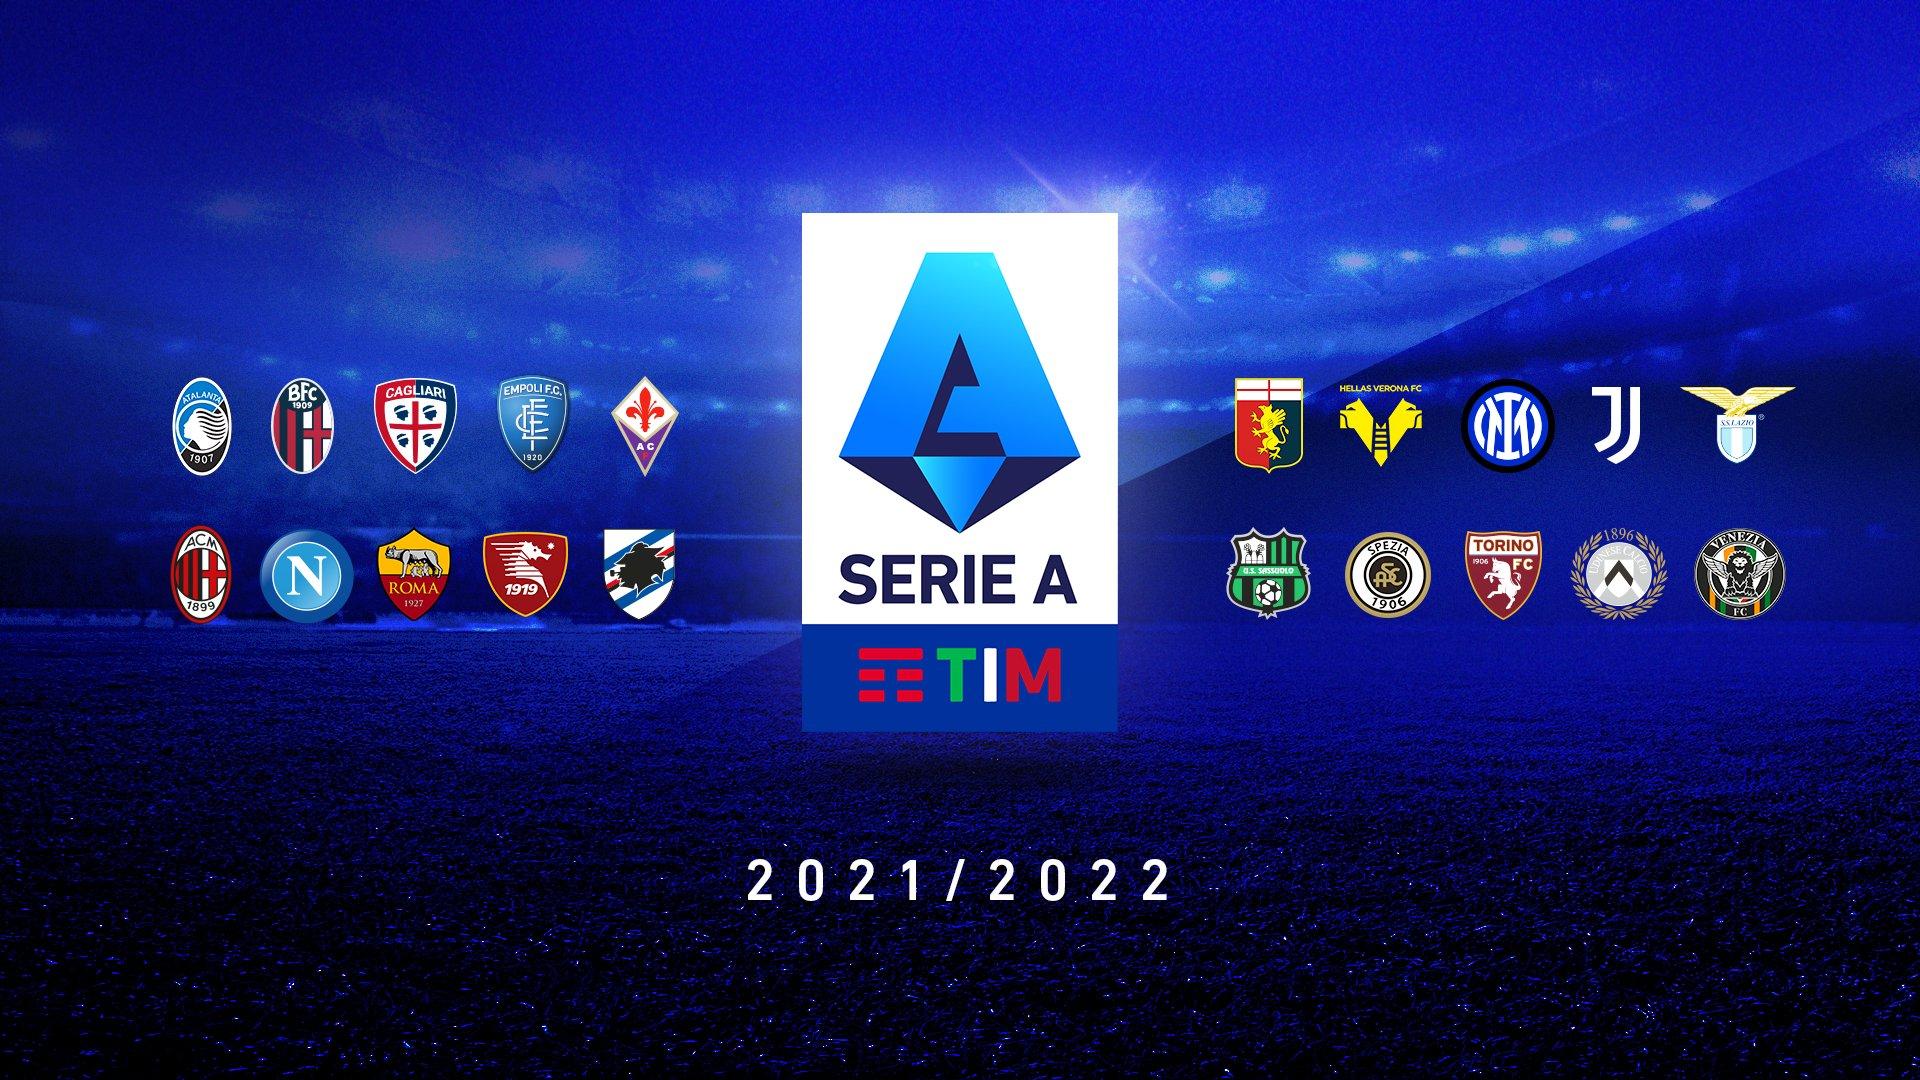 Calendrier Droit De Visite 2022 Le calendrier de la saison 2021 2022 à découvrir   Juventus fr